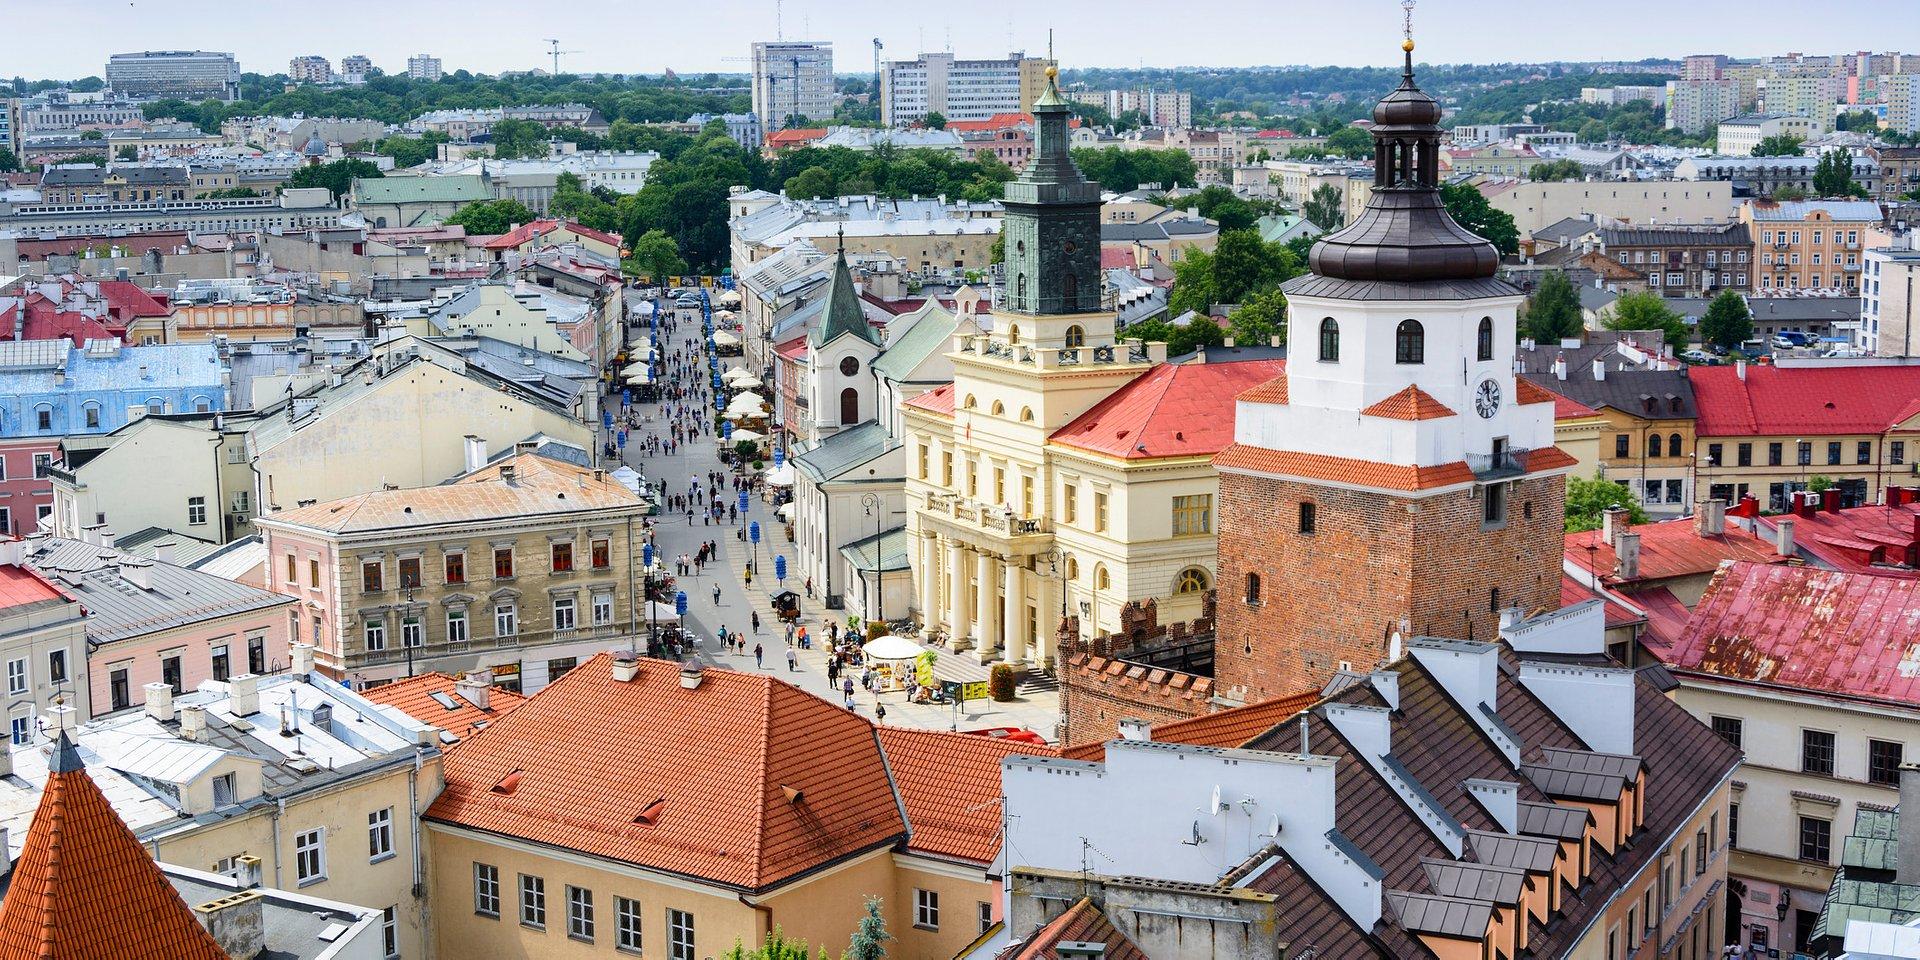 W lubelskim Tarcza Antykryzysowa chroni już polski biznes